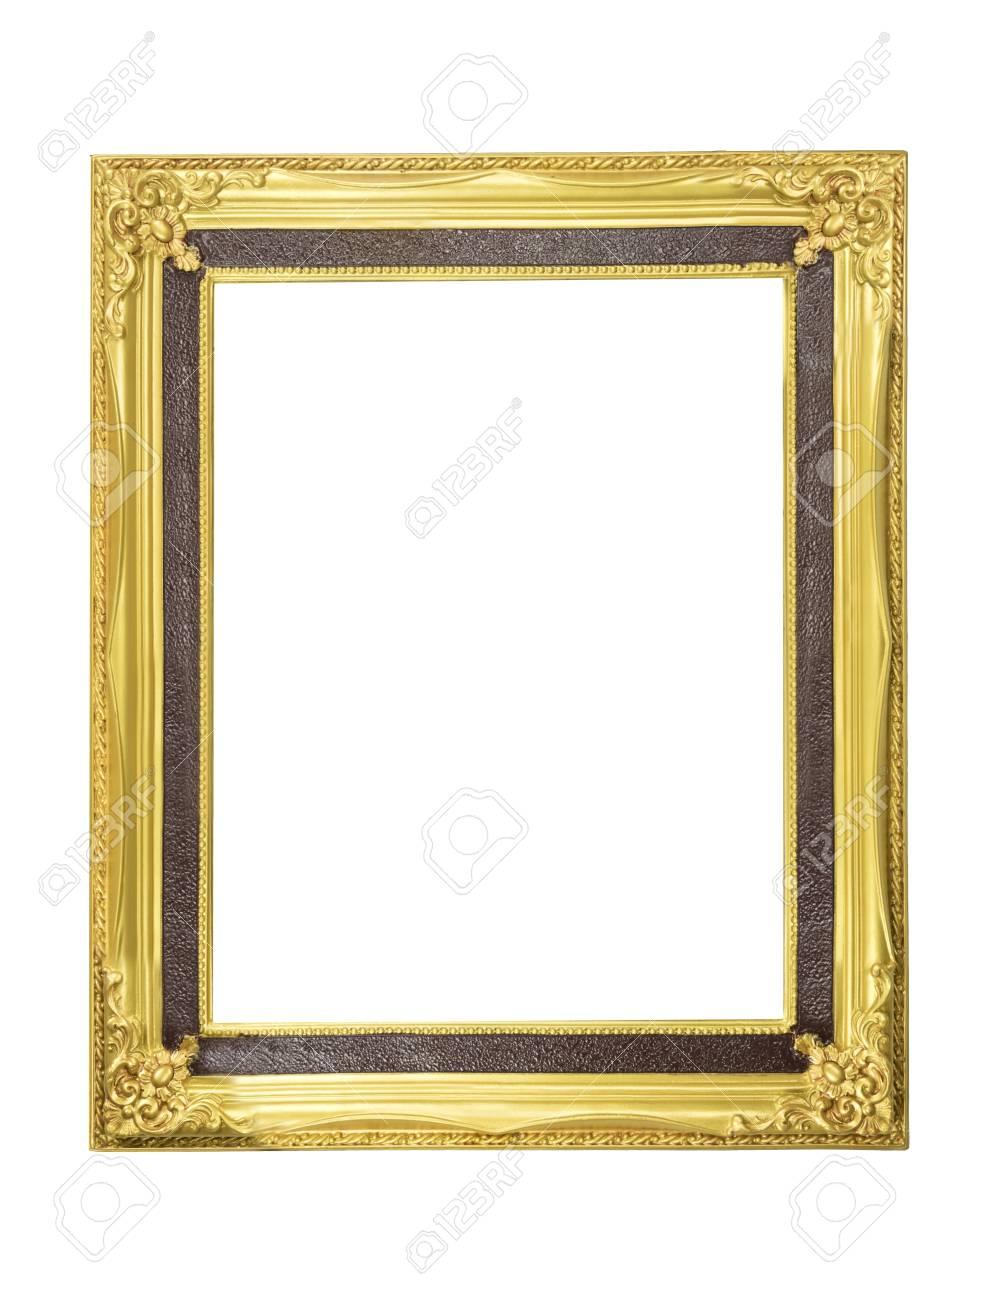 Holz Gold Bilderrahmen Für Hochzeit Oder Familien Fotografie ...